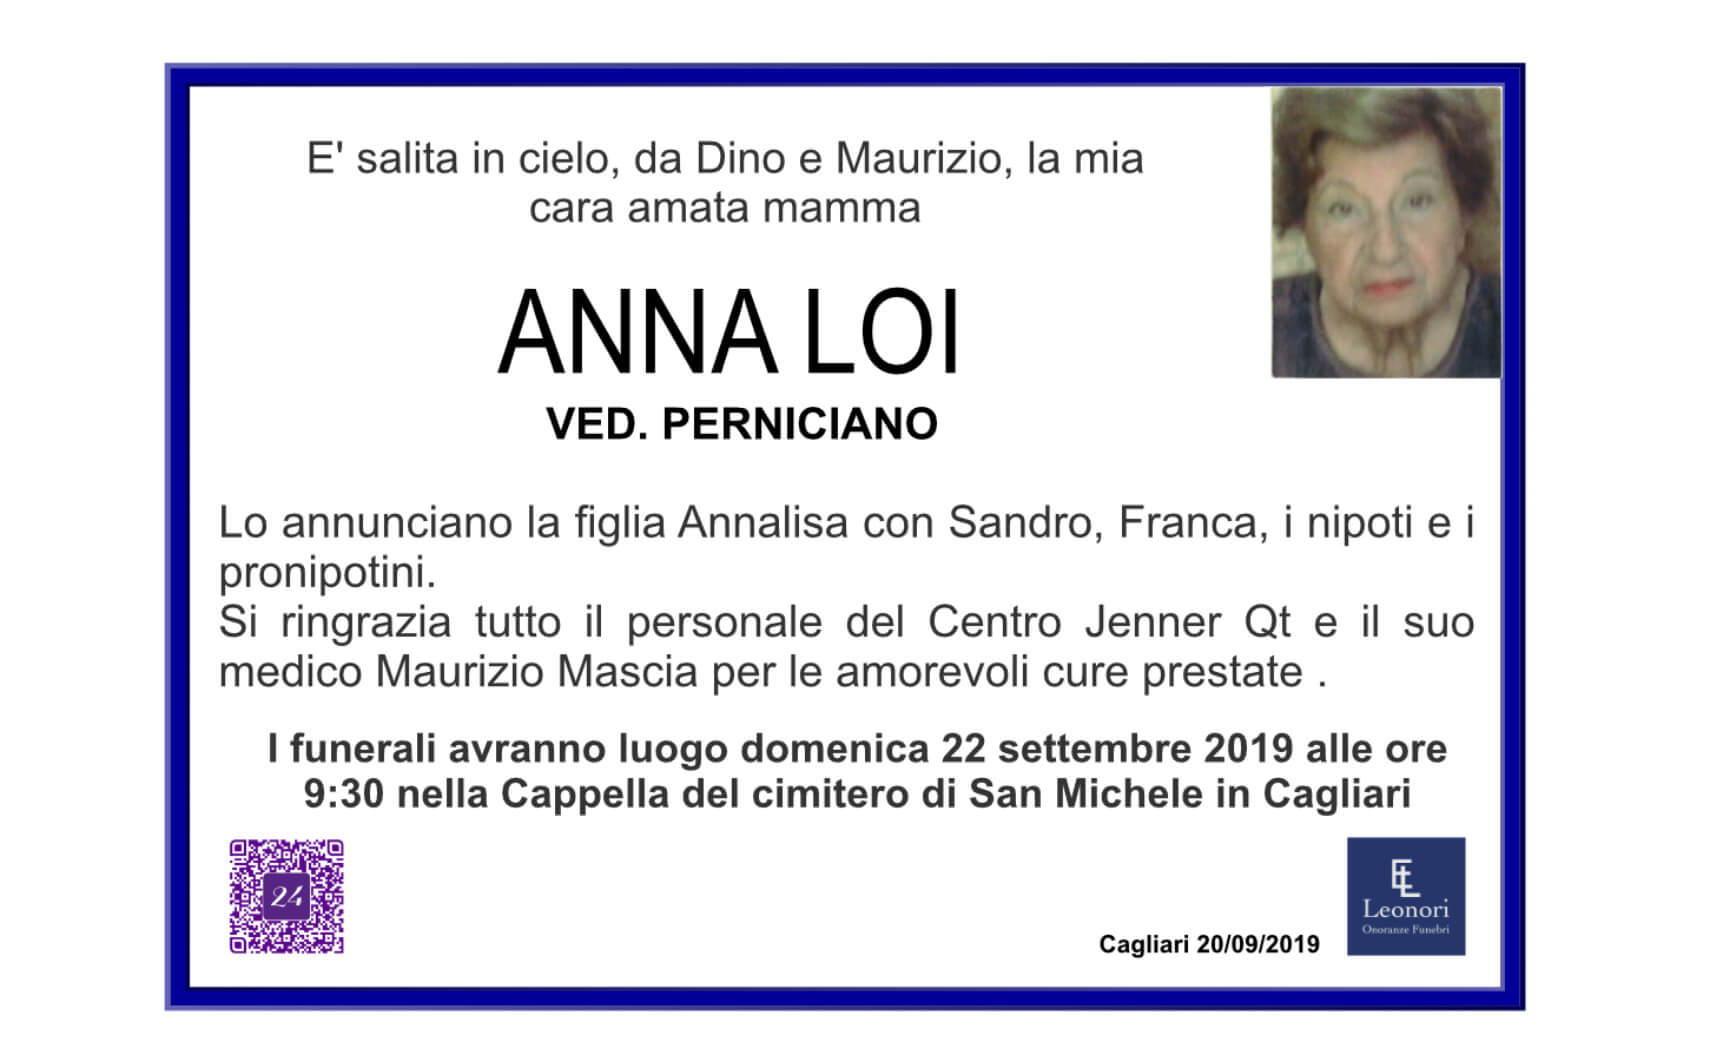 Anna Loi